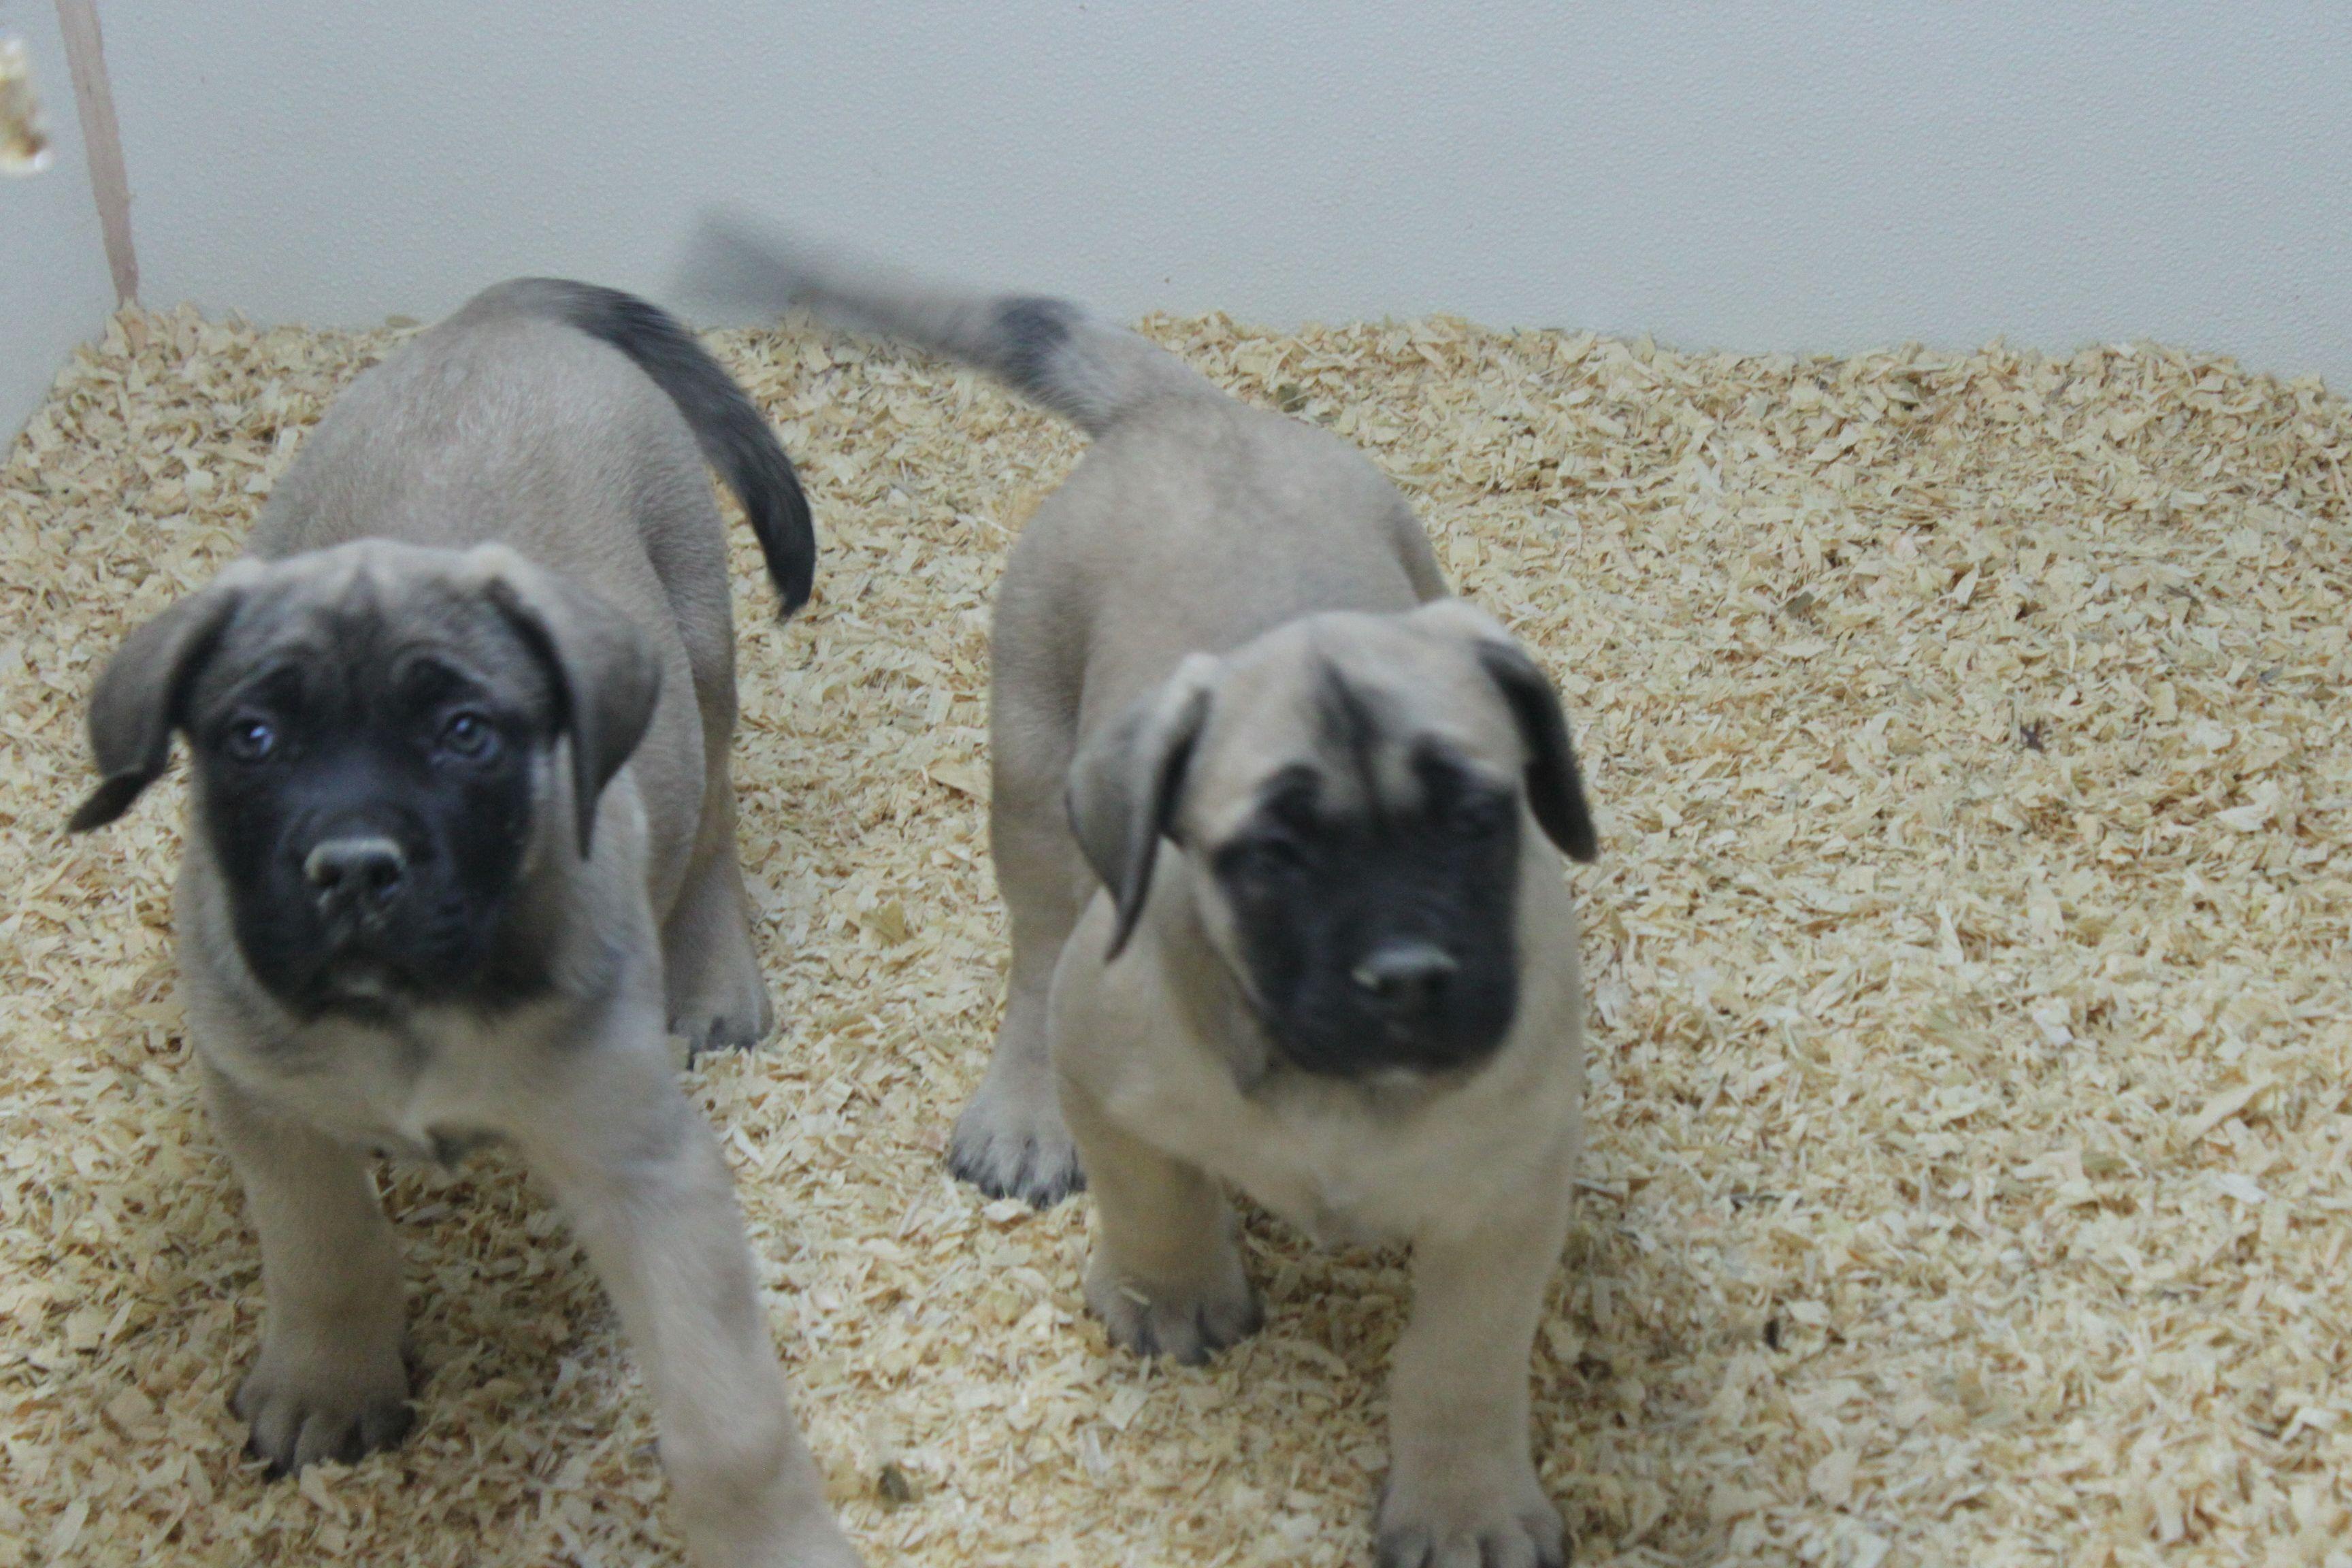 English mastiff puppies these are 2 english mastiff